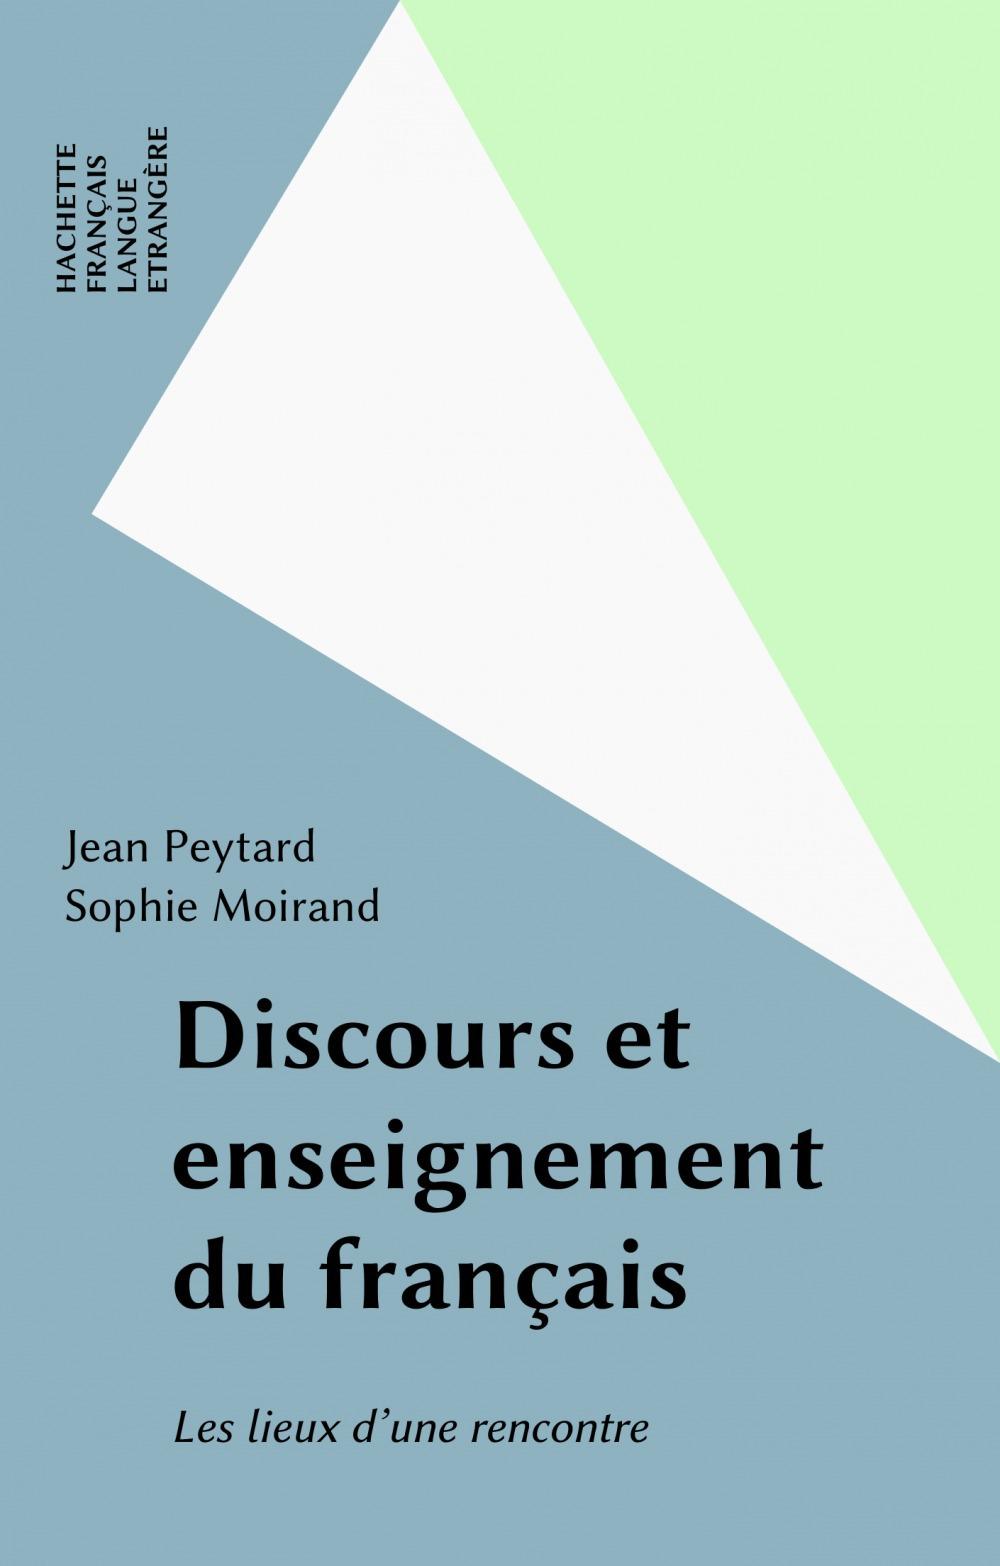 Jean Peytard Discours et enseignement du français